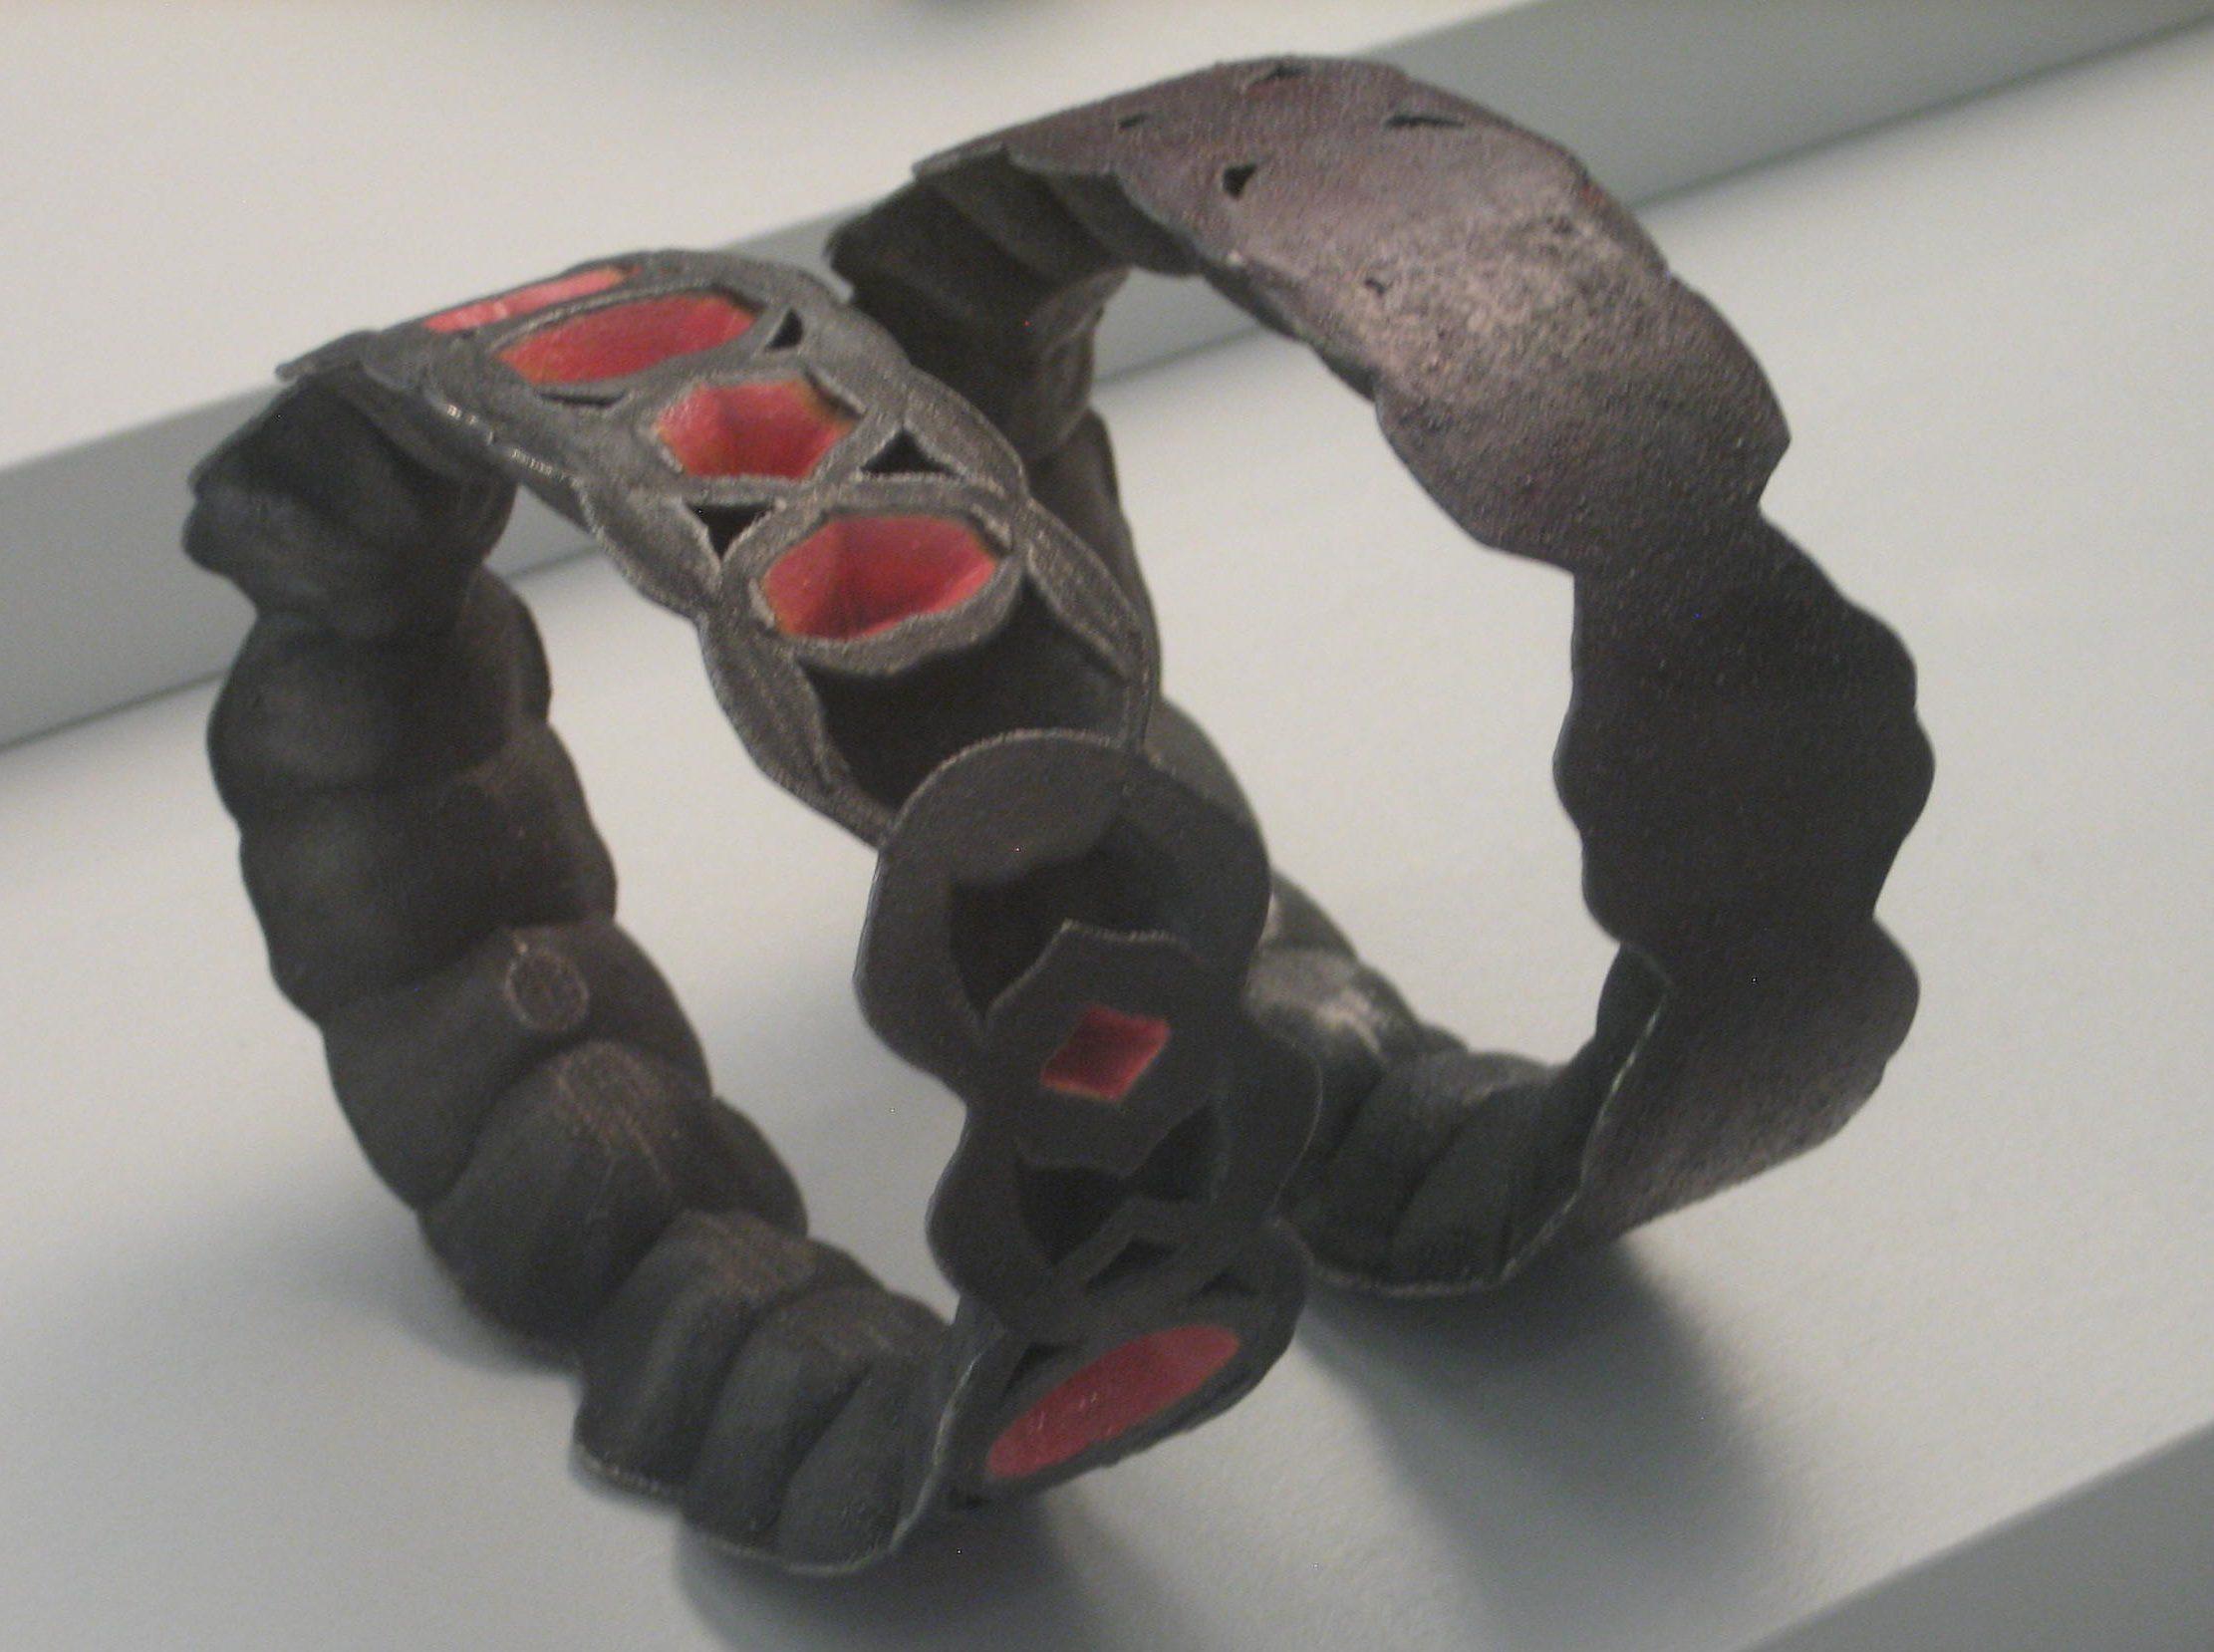 Beate Eismann, armbanden, 2010. Future Form, CODA, 2018, metaal, vitrine, tentoonstelling